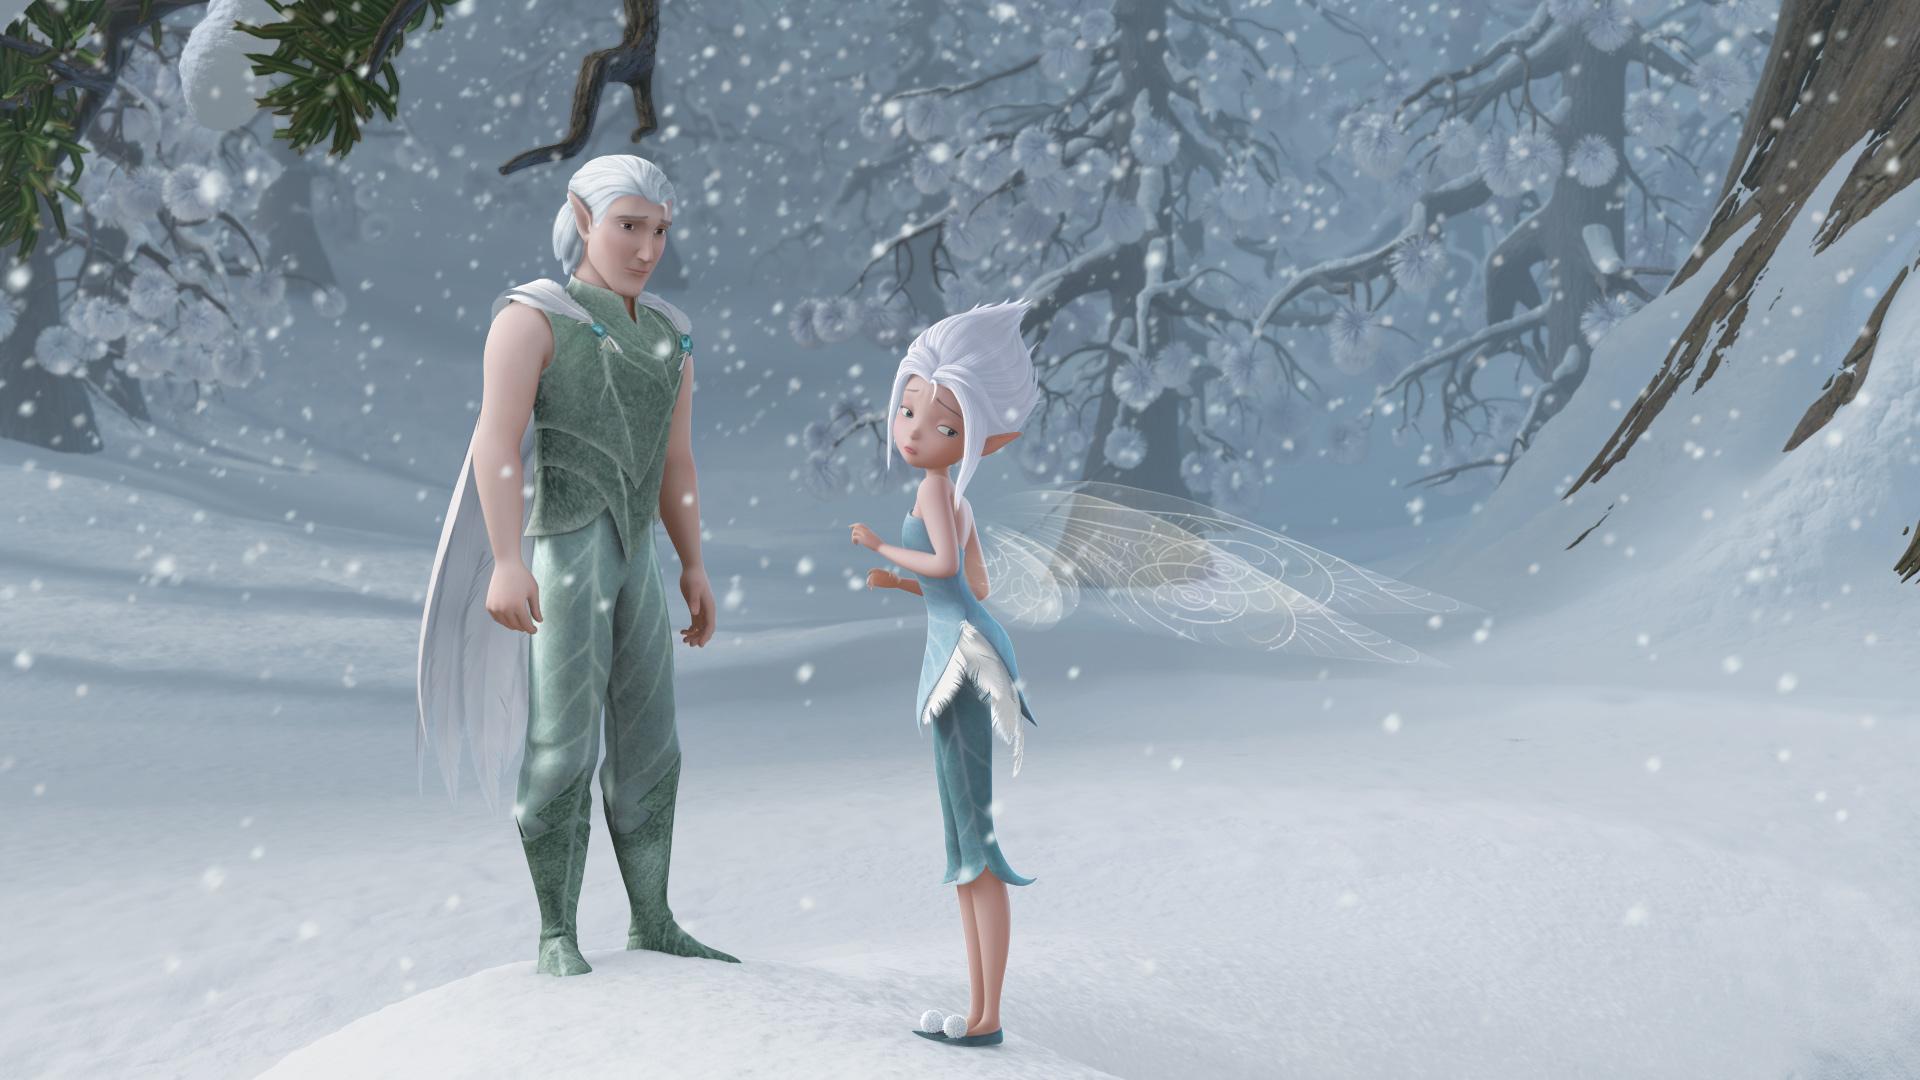 картинки фея тайна зимнего леса первое